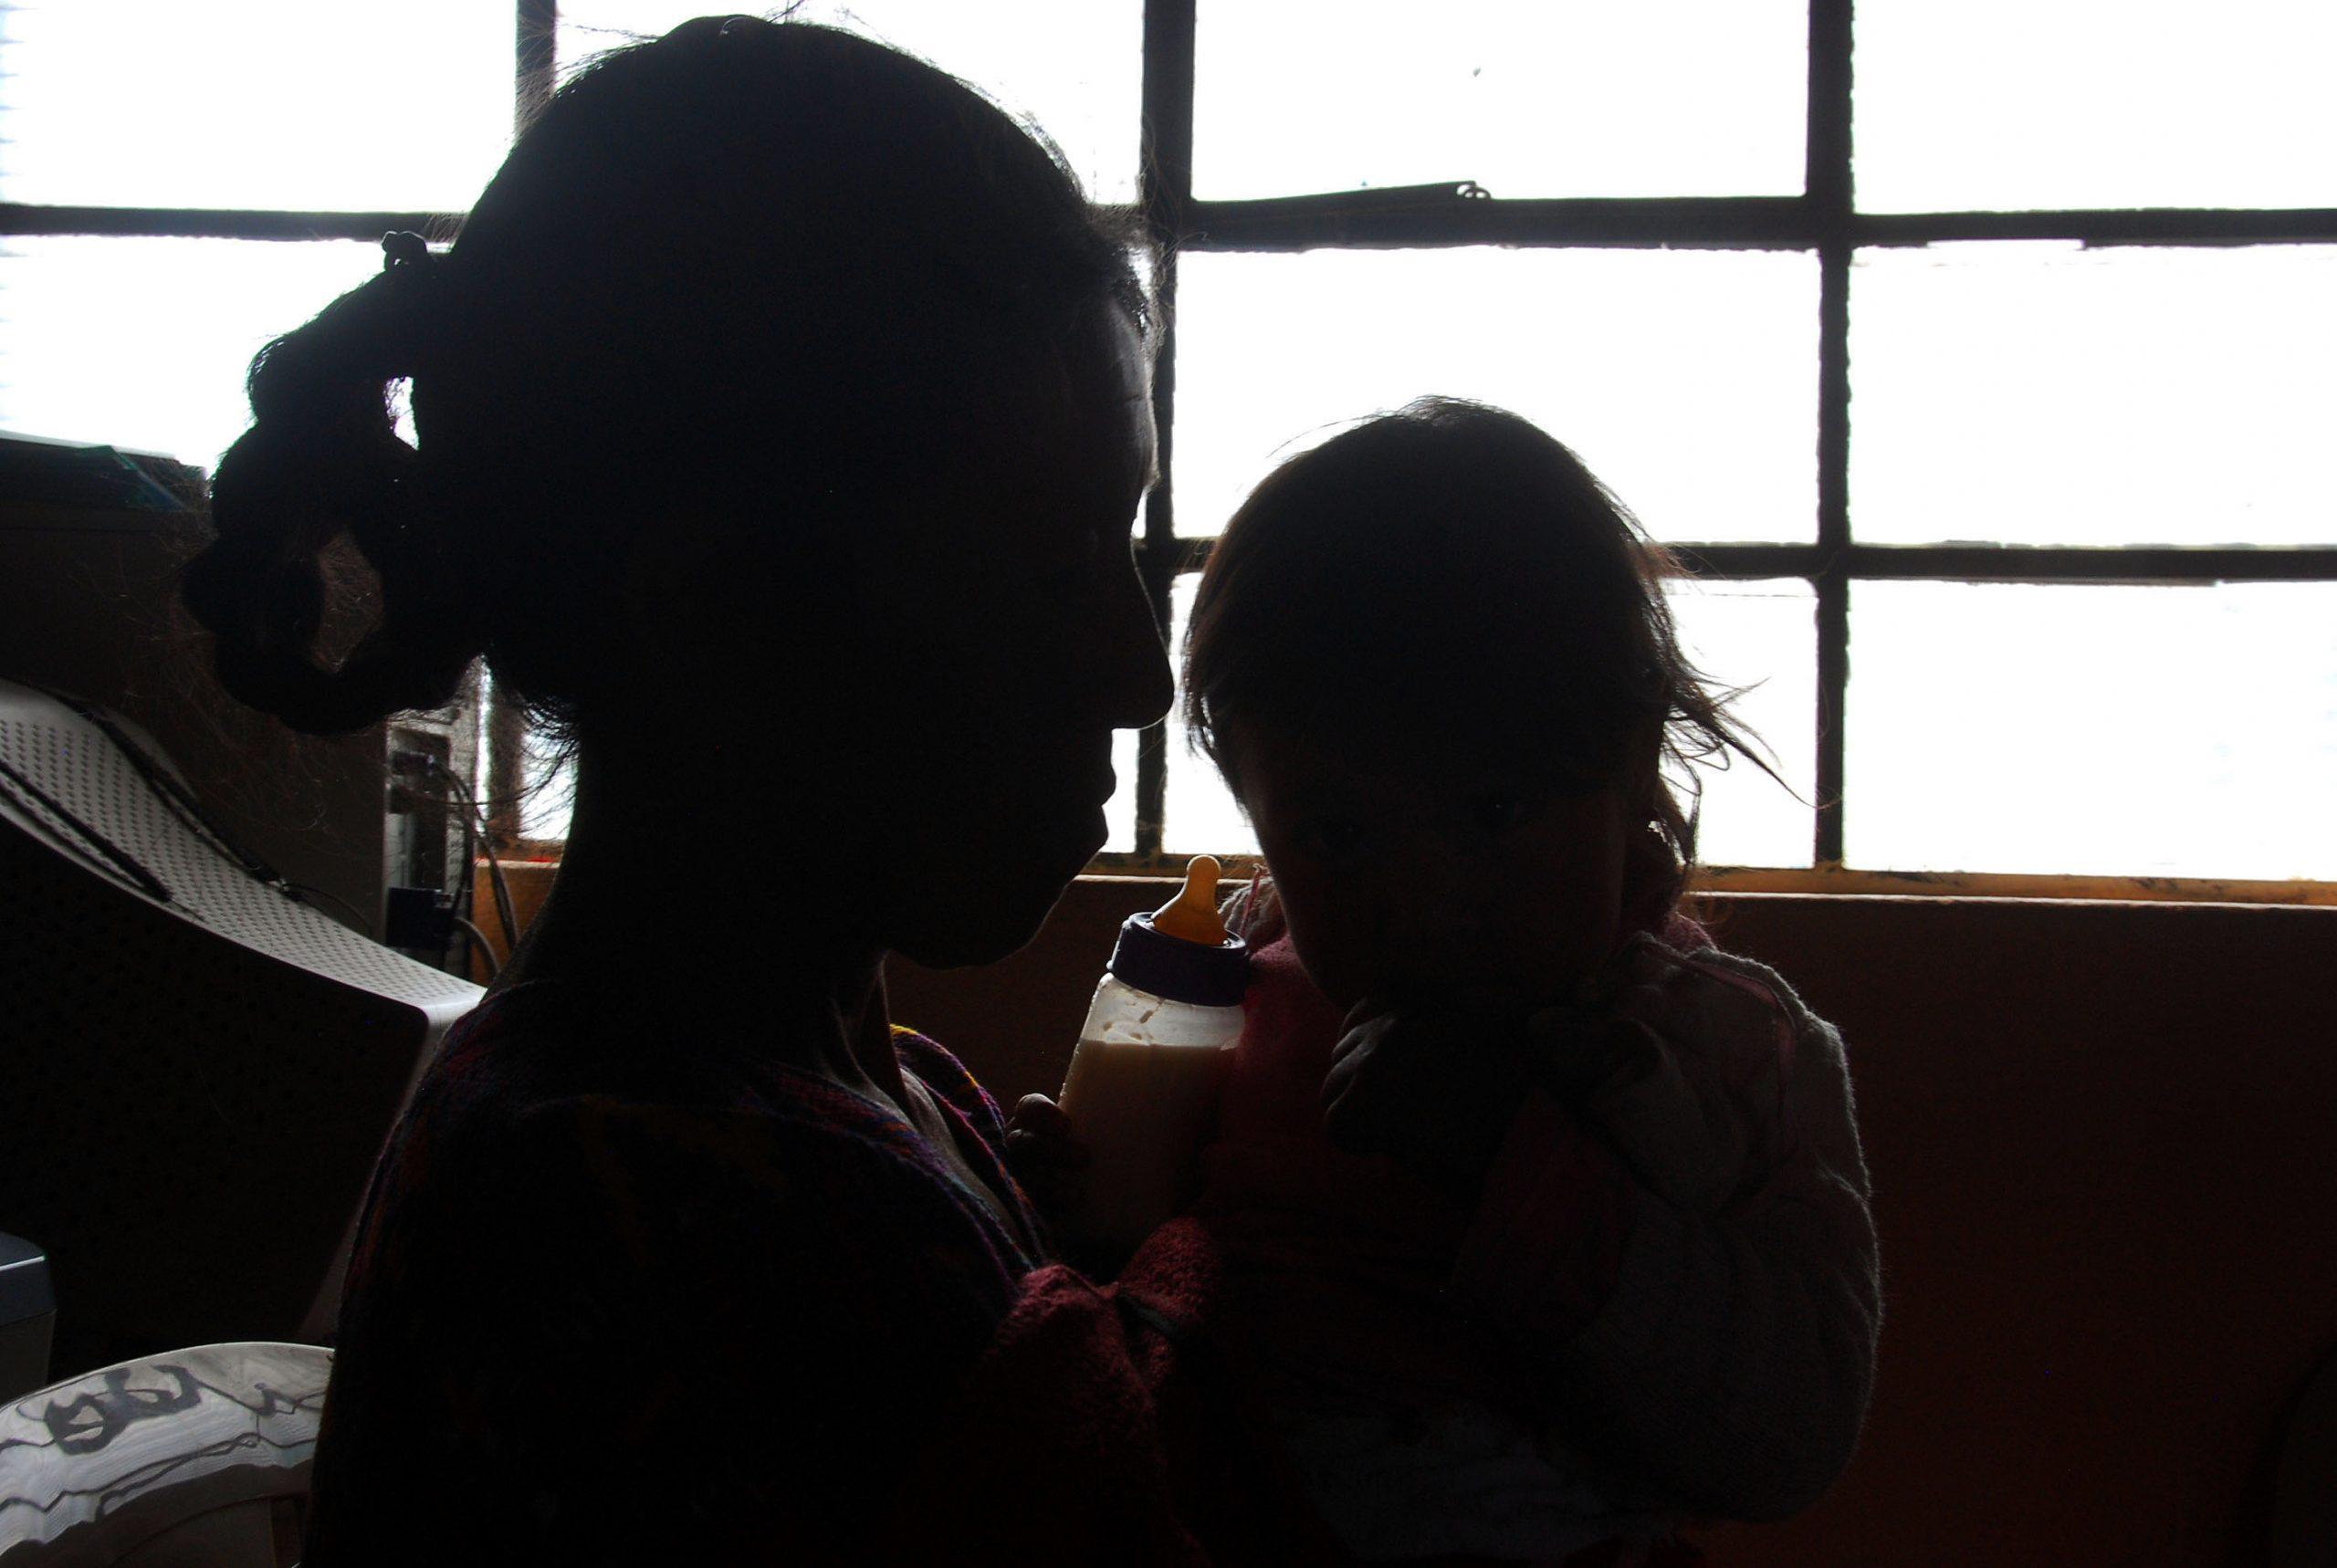 Autoridades de salud reportan 25 casos de embarazos en menores de 14 años en el primer cuatrimestre del 2020. (Foto: Carlos Ventura)